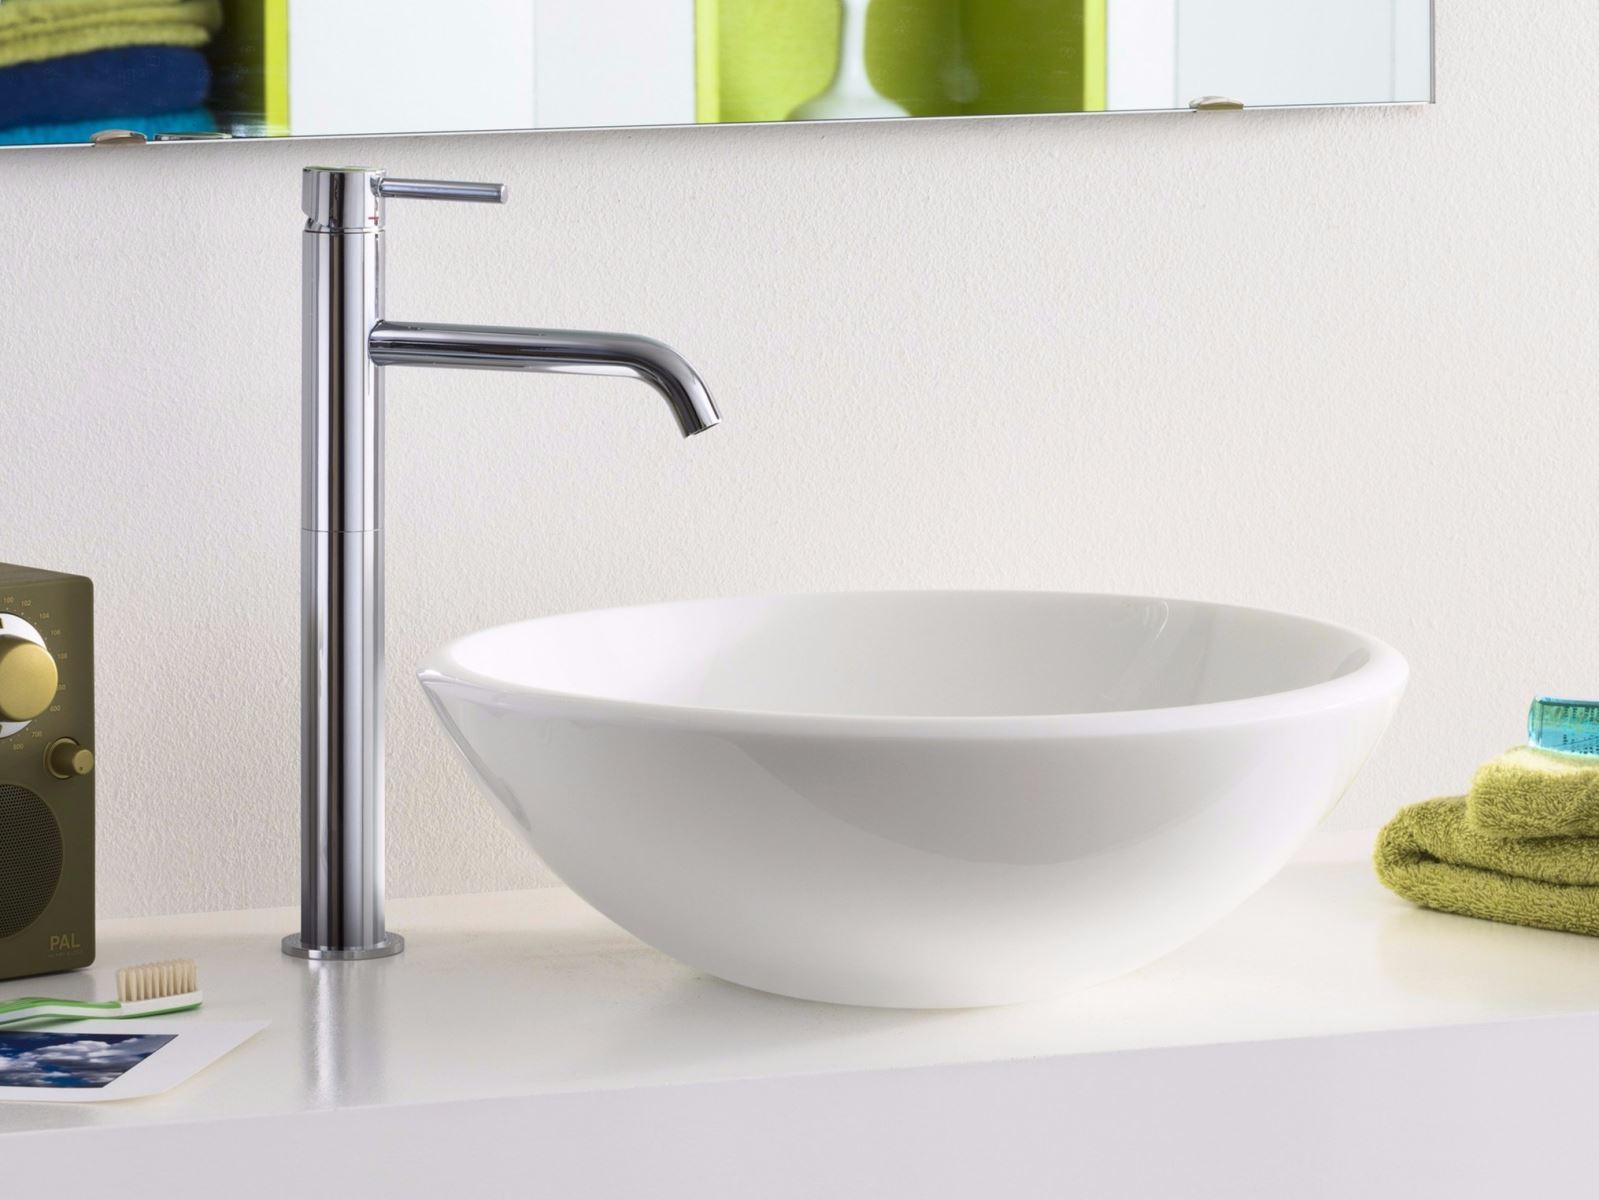 Miscelatori lavabi ecco le nuove proposte - Rubinetteria bagno zucchetti ...